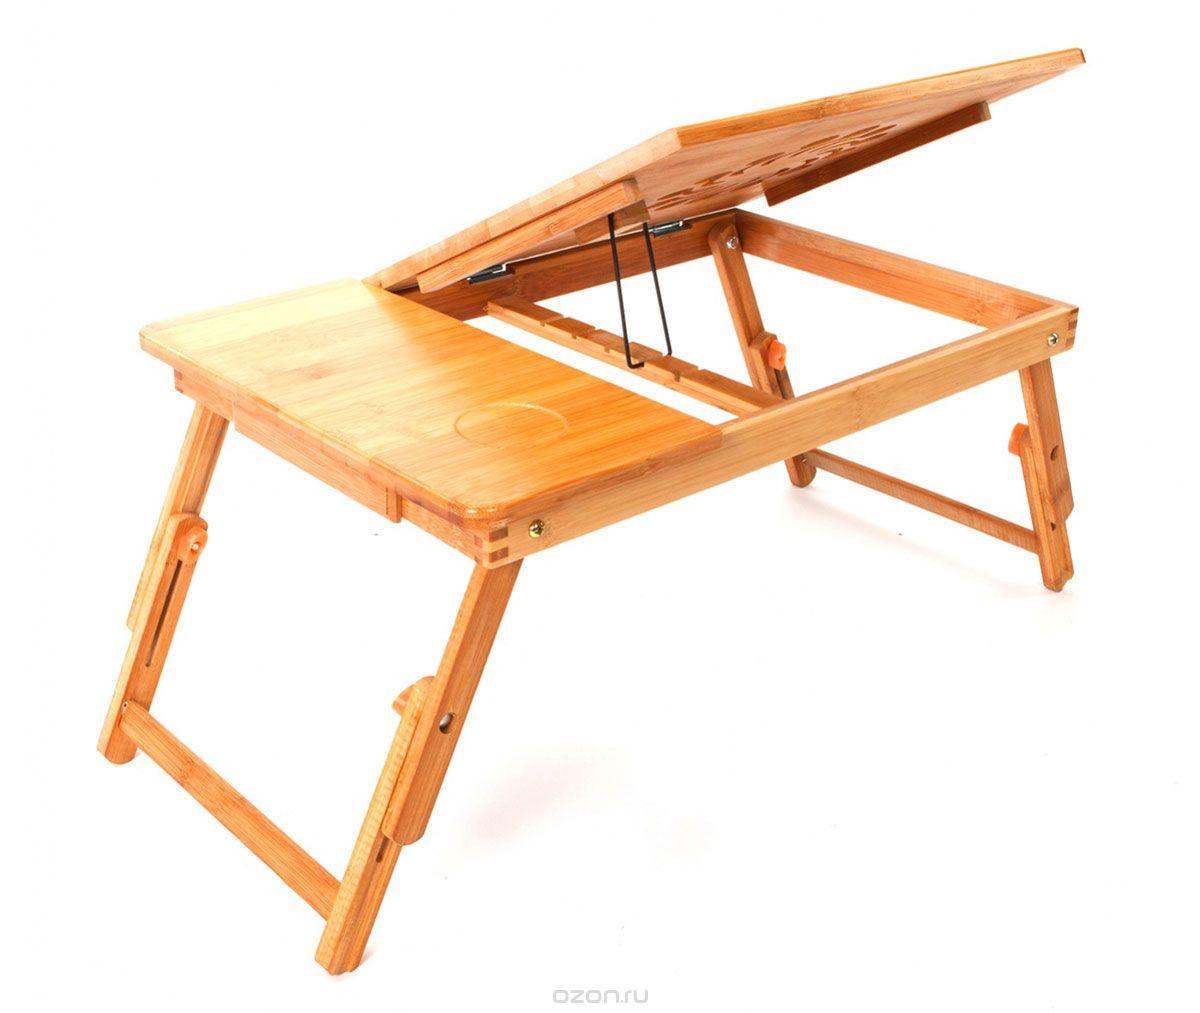 Бамбуковый стол-трансформер. Эстетичность и практичность в одном изделии.